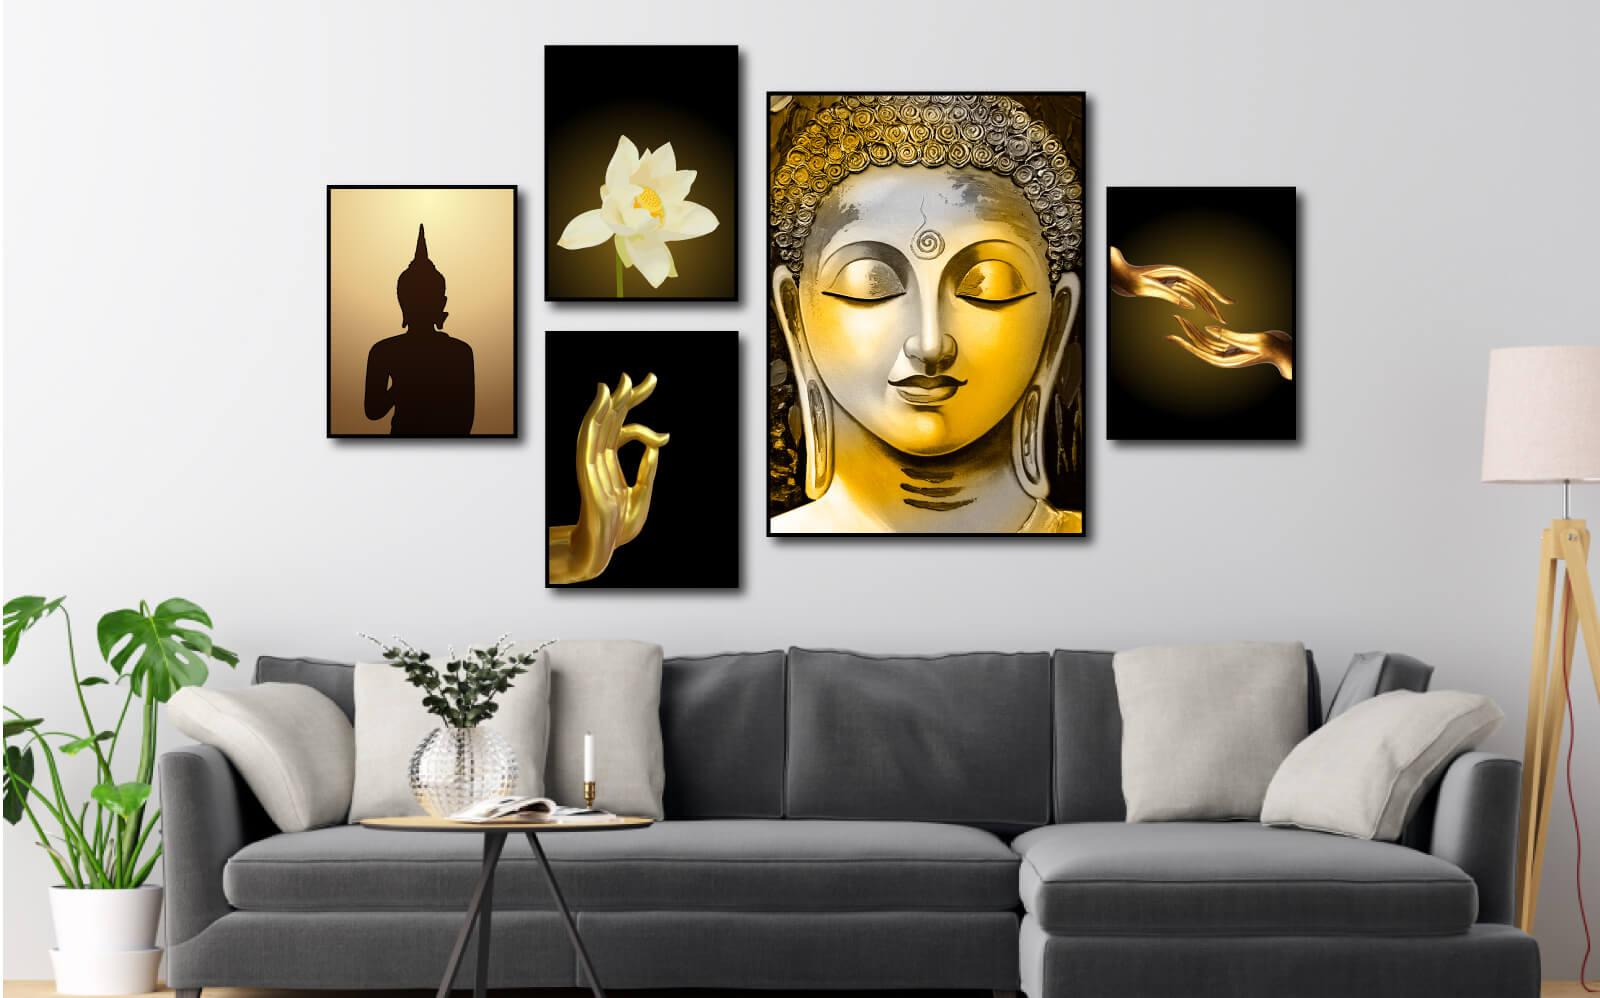 Tranh phong thuỷ về Phật pháp